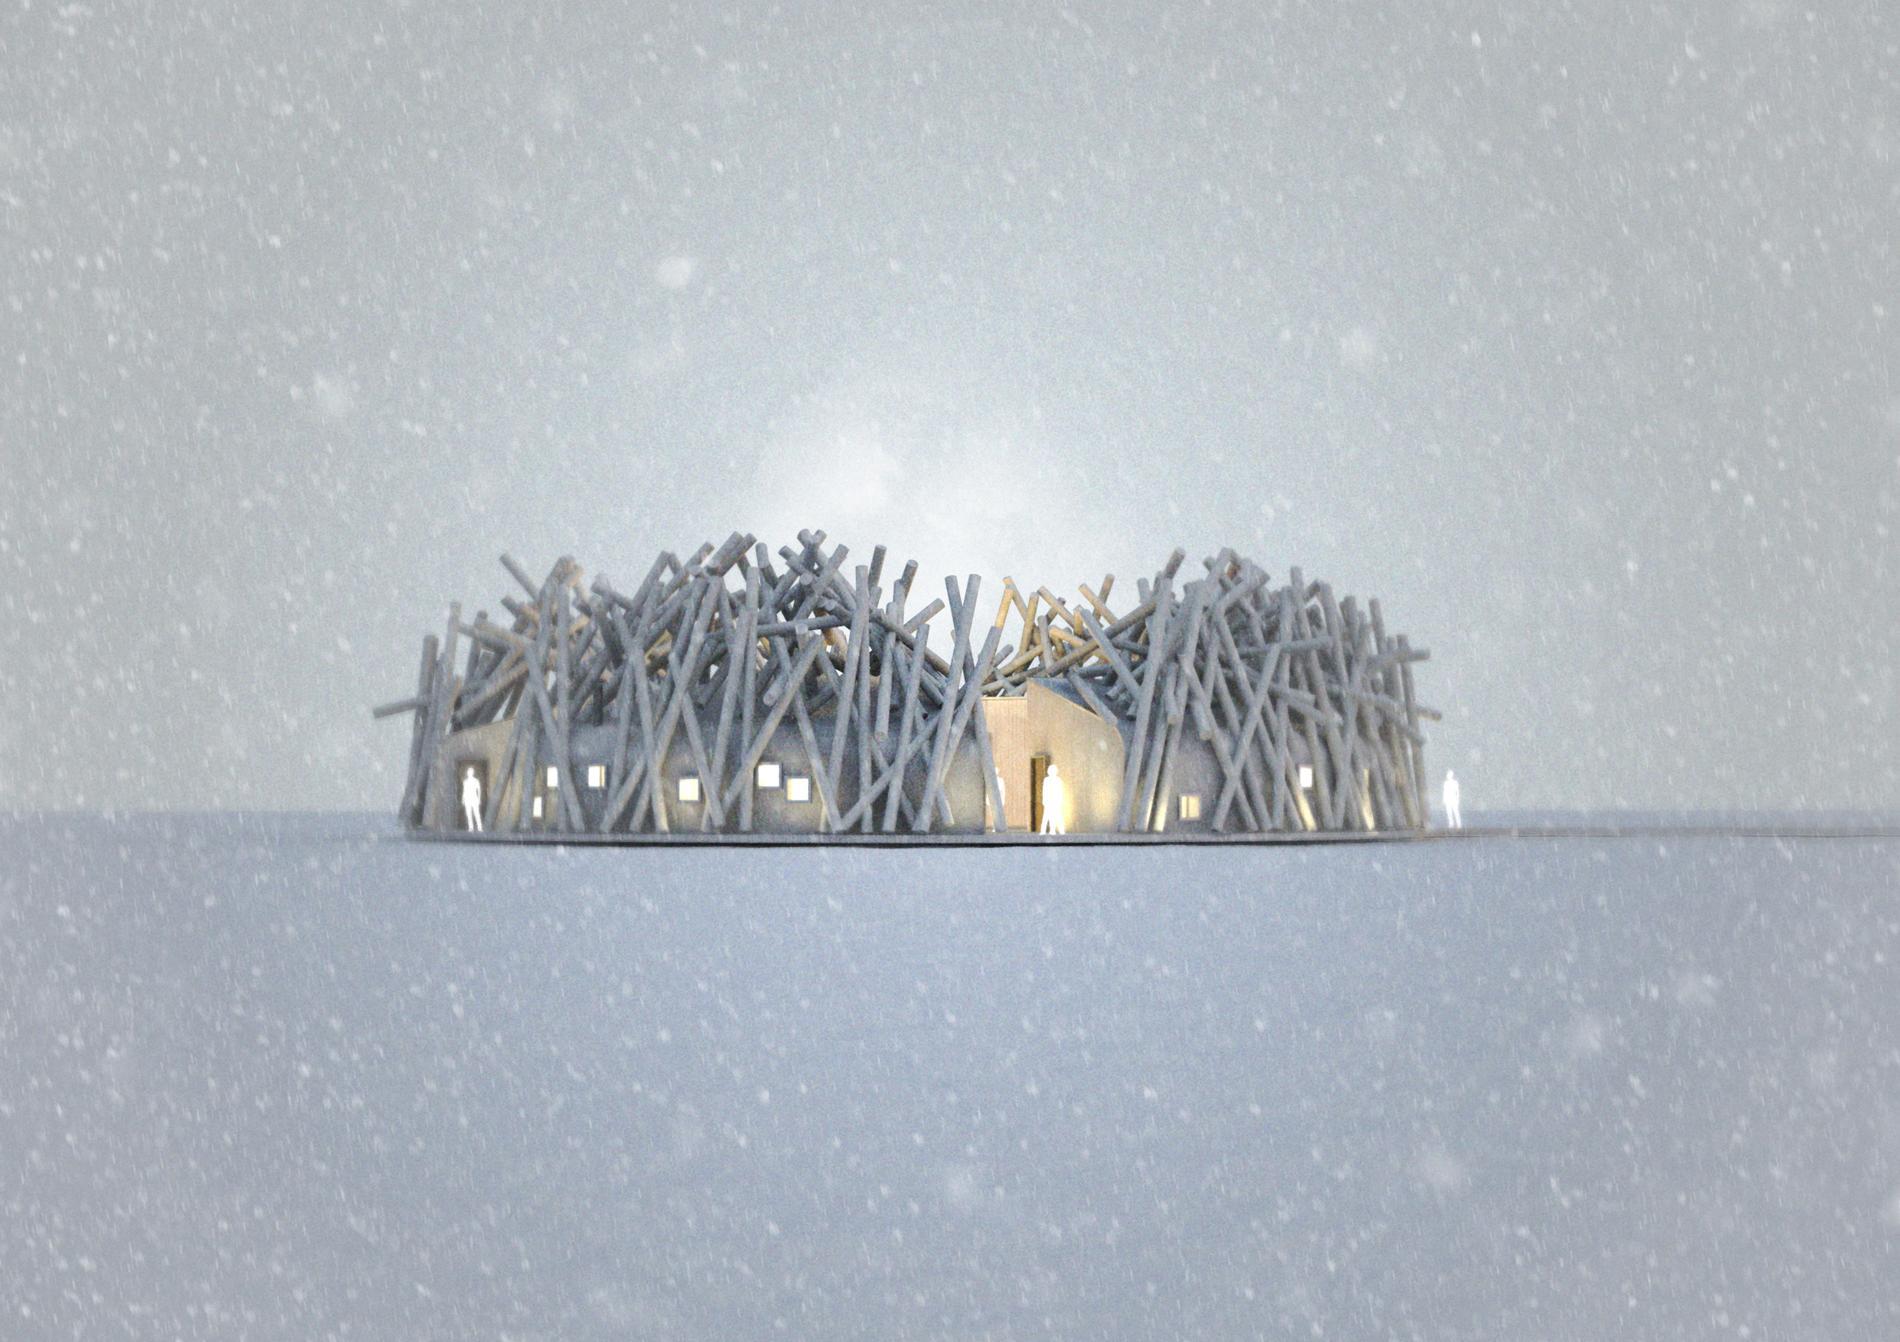 På vintern kommer hotellet att vara fastfruset i isen.